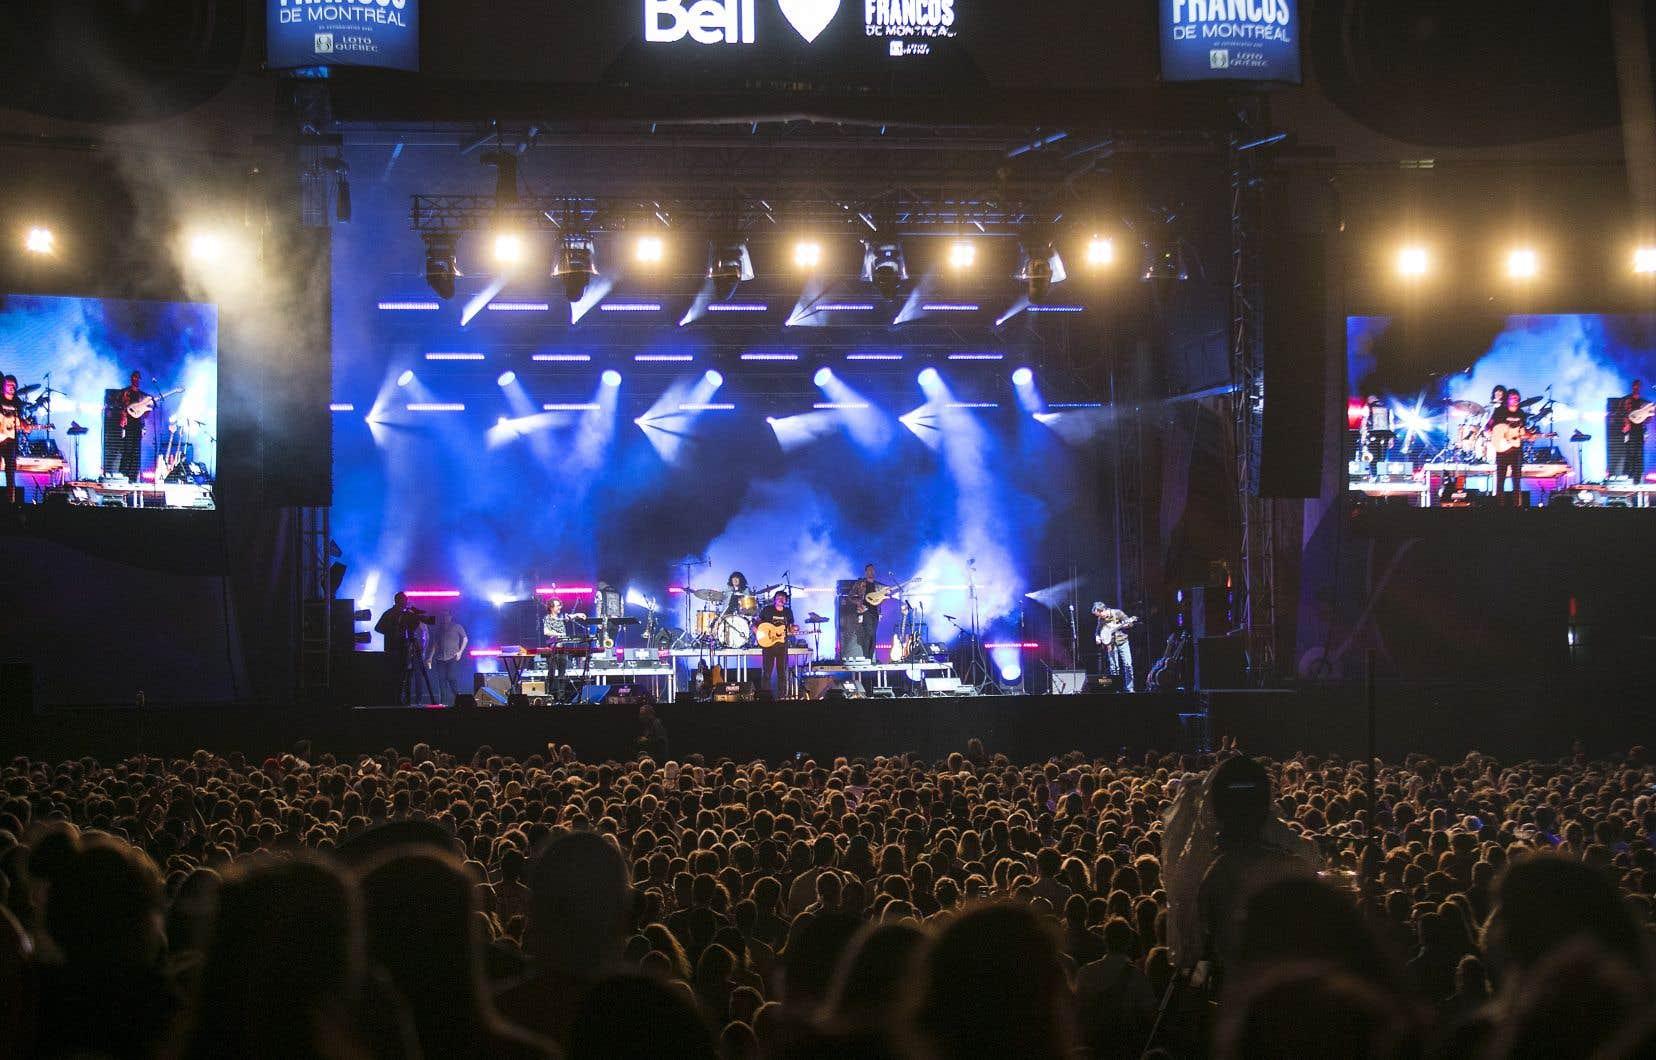 Le concert devait réunir près d'une dizaine d'artistes. Radio-Canada mentionne que ce rendez-vous musical est reporté au 16septembre.